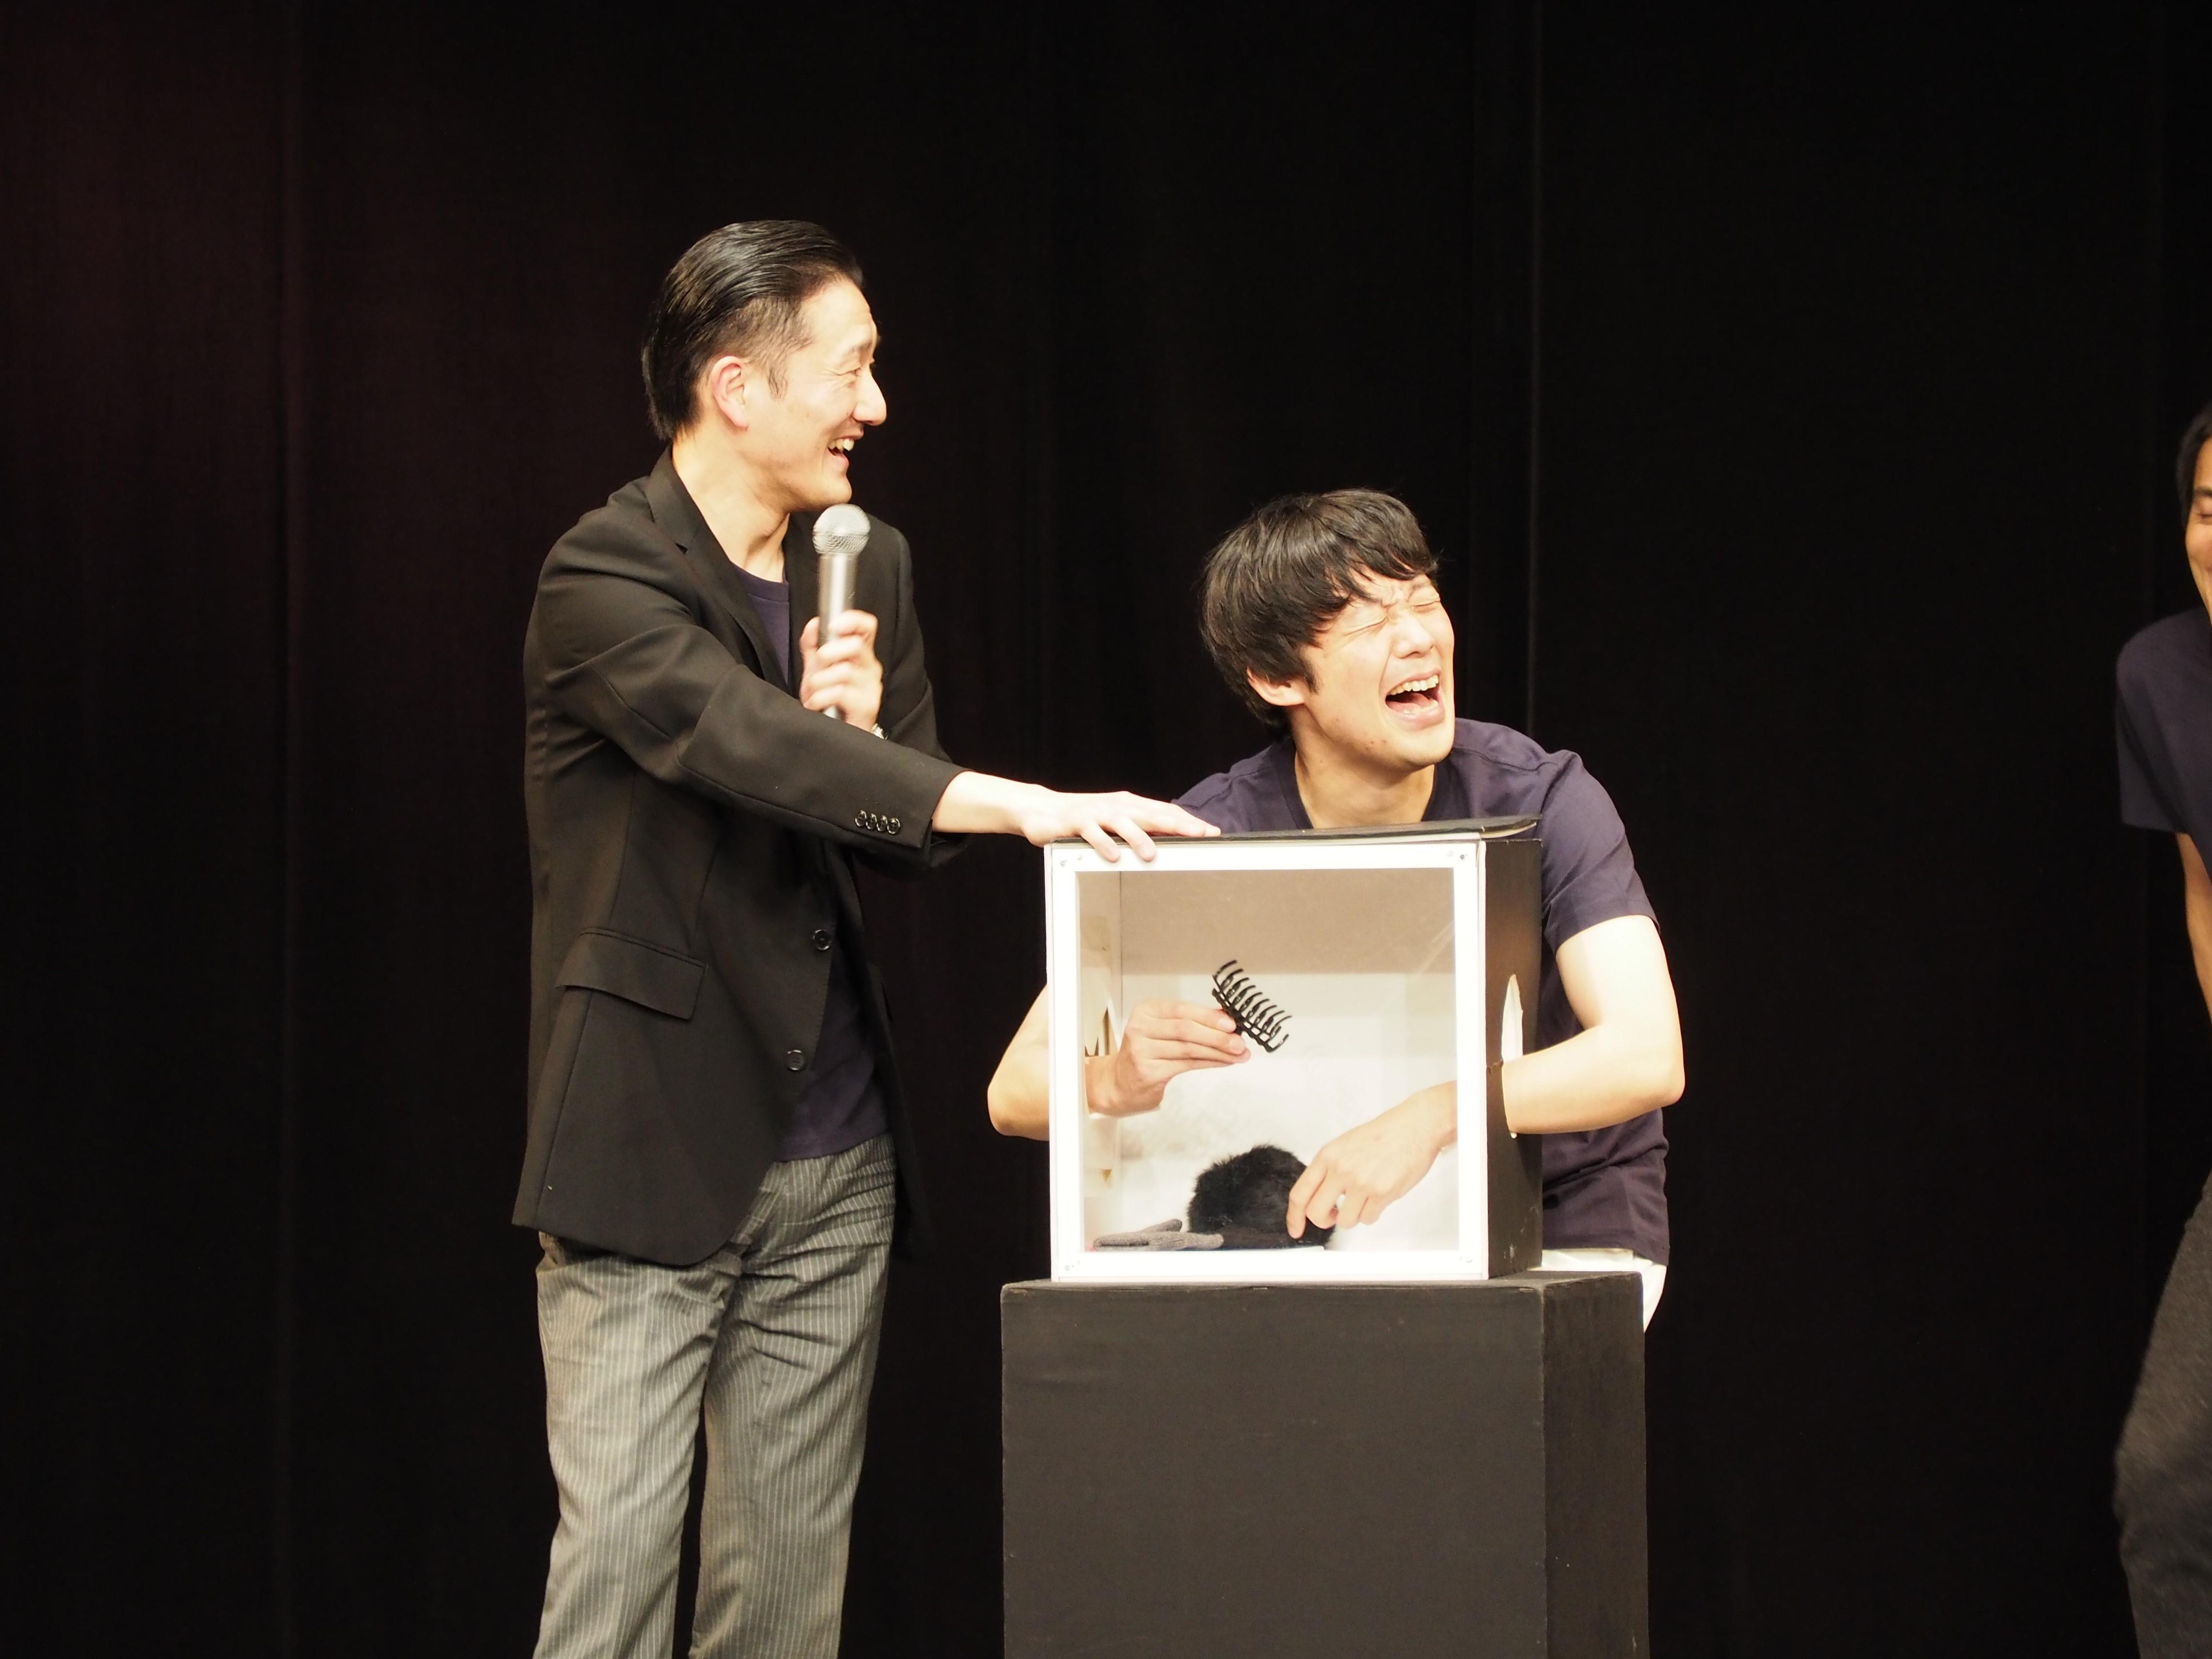 http://news.yoshimoto.co.jp/20171230201737-9804a30fbff276931cc3702ee5b292966f23f612.jpg